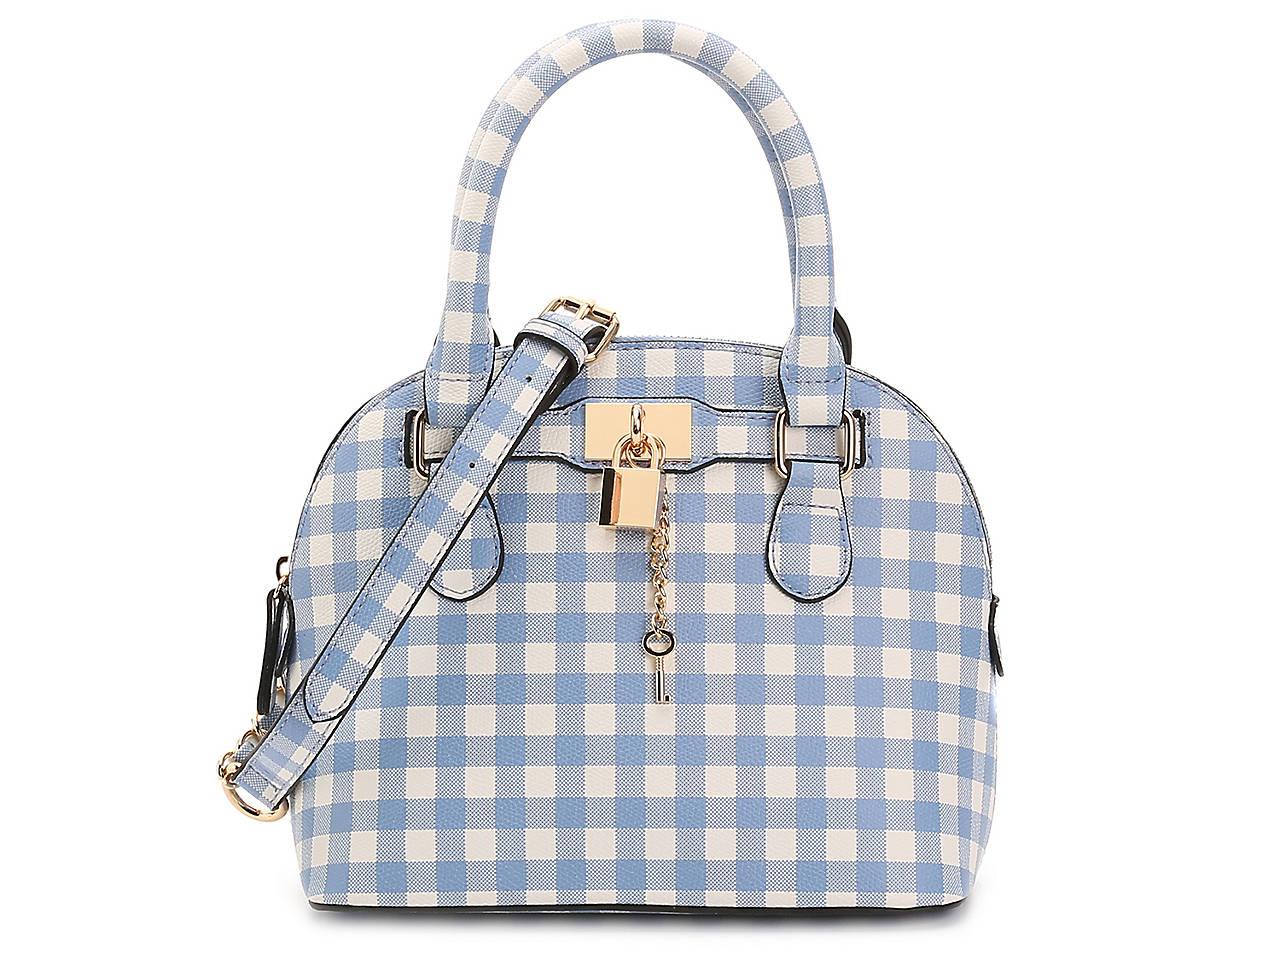 5263f89d517 Aldo Barland Mini Satchel Women s Handbags   Accessories